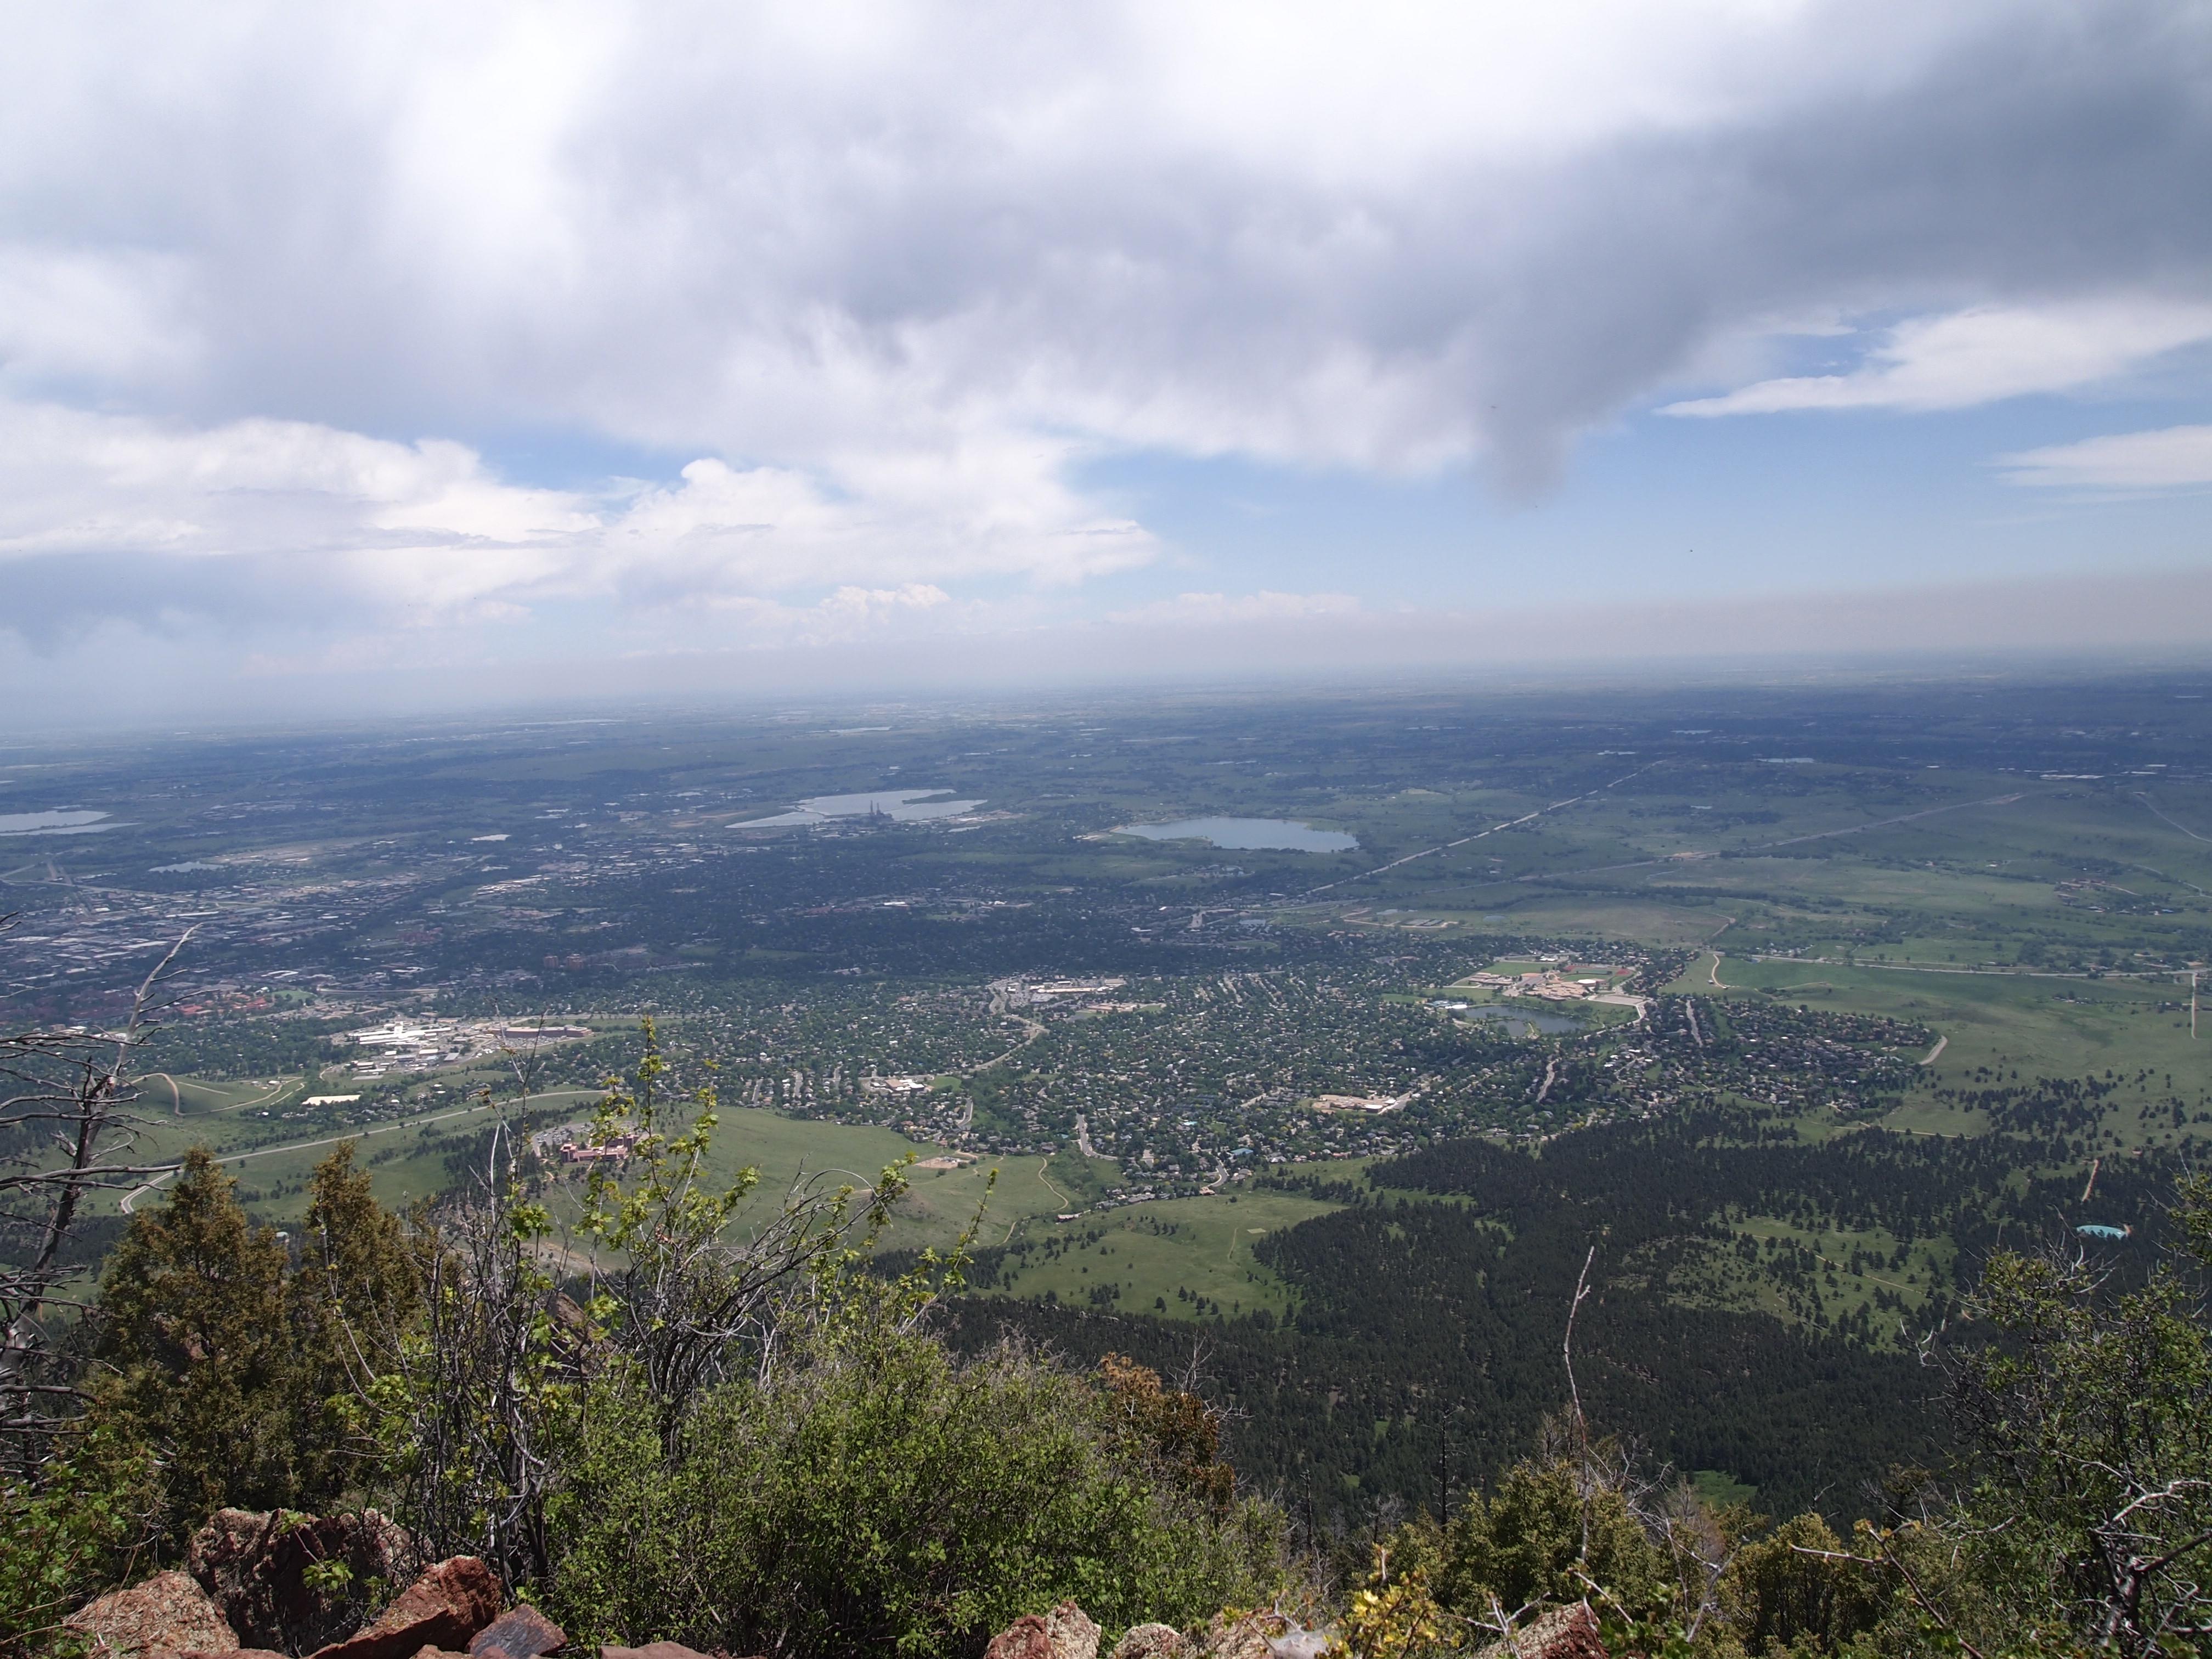 Boulder Colorado - Elevation in feet above sea level